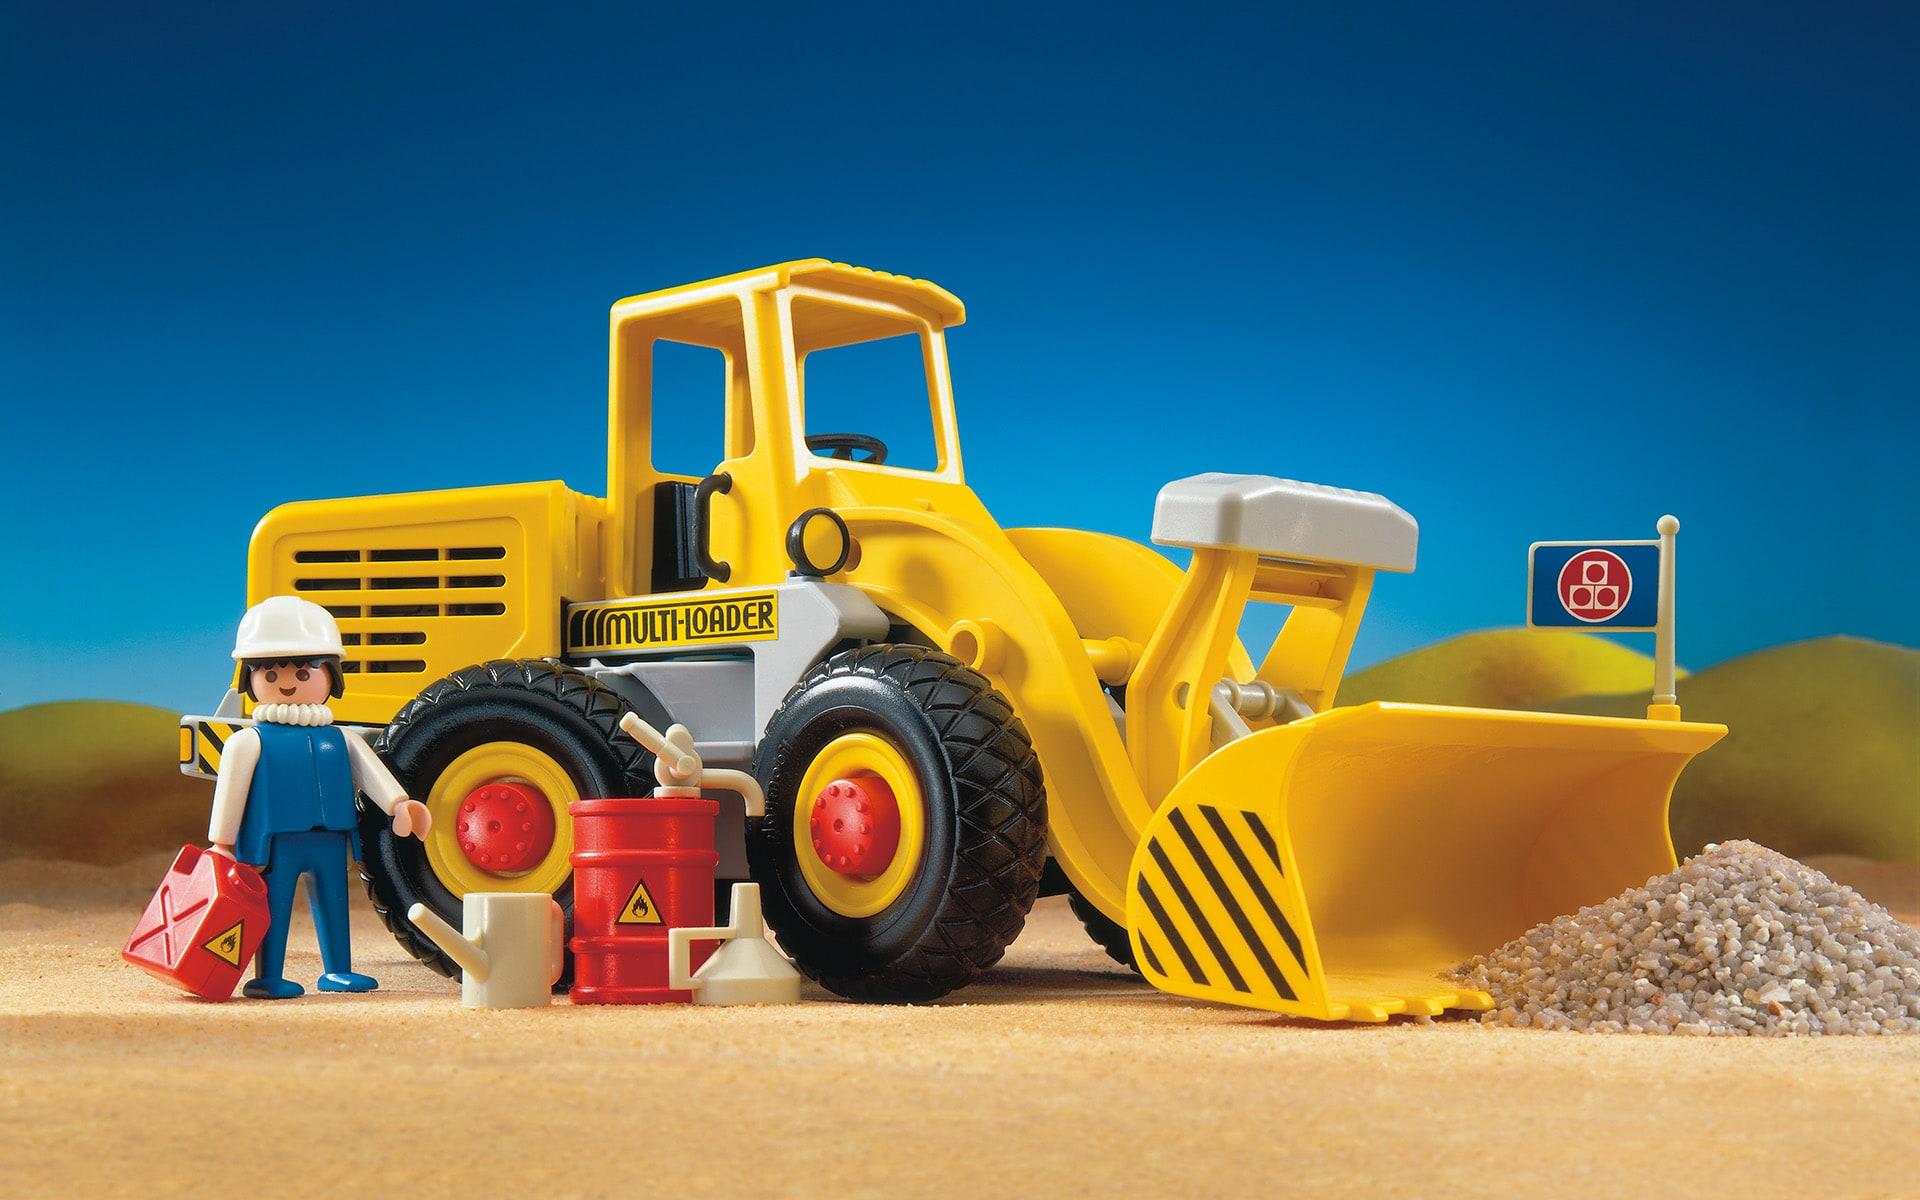 Gelber Spielzeugbagger von ITO Design für Playmobil, 1987 entworfen, mit Spielzeug-Bauarbeiter